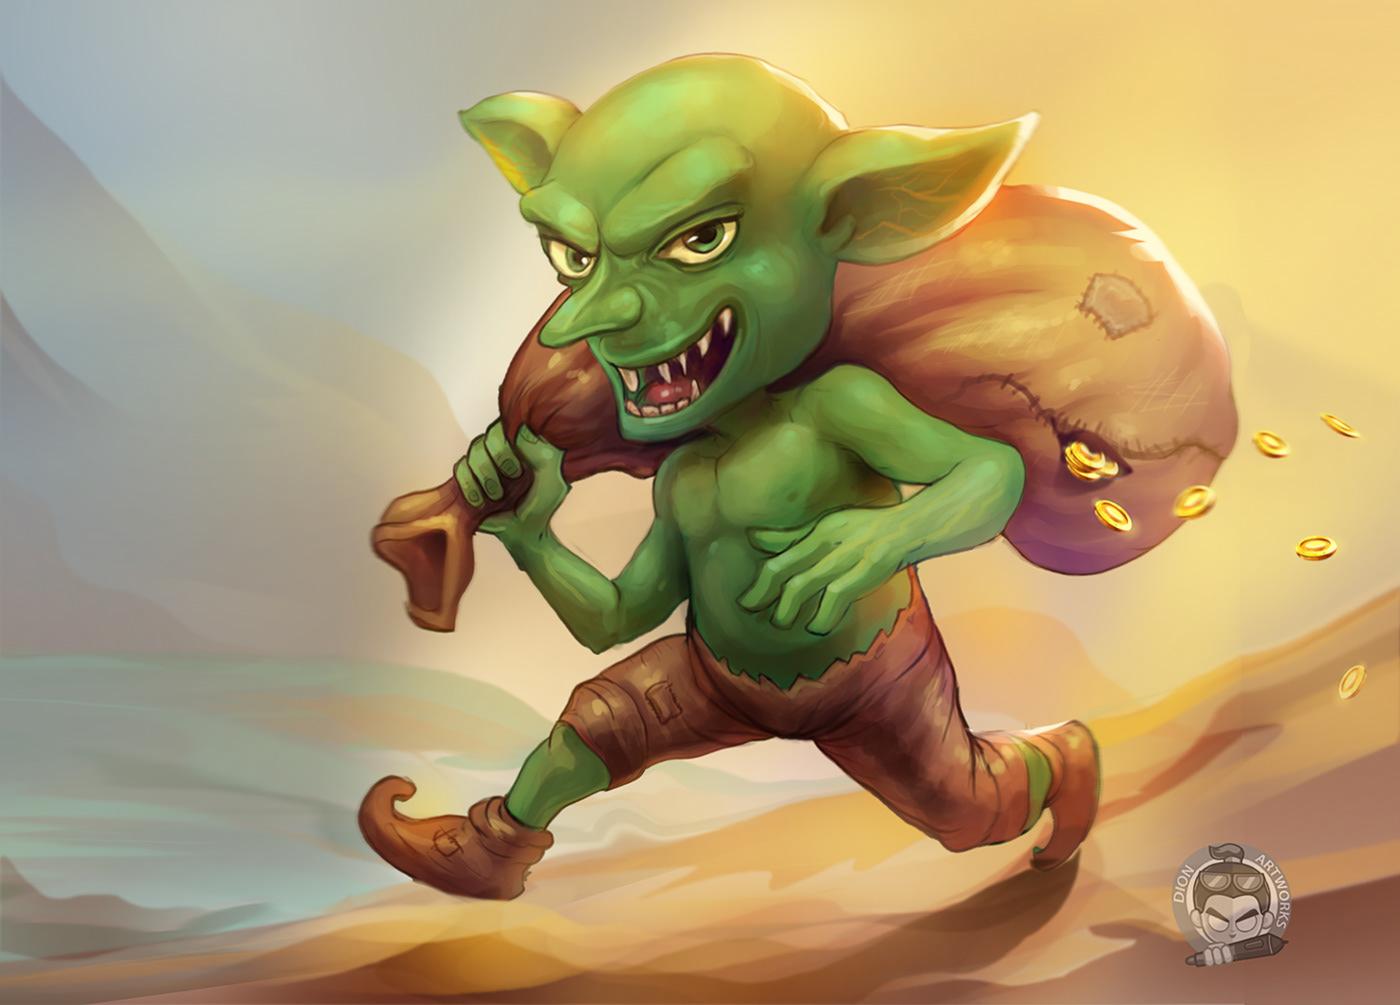 2D art fantasy game goblin Goblin Digital Art ILLUSTRATION  painting